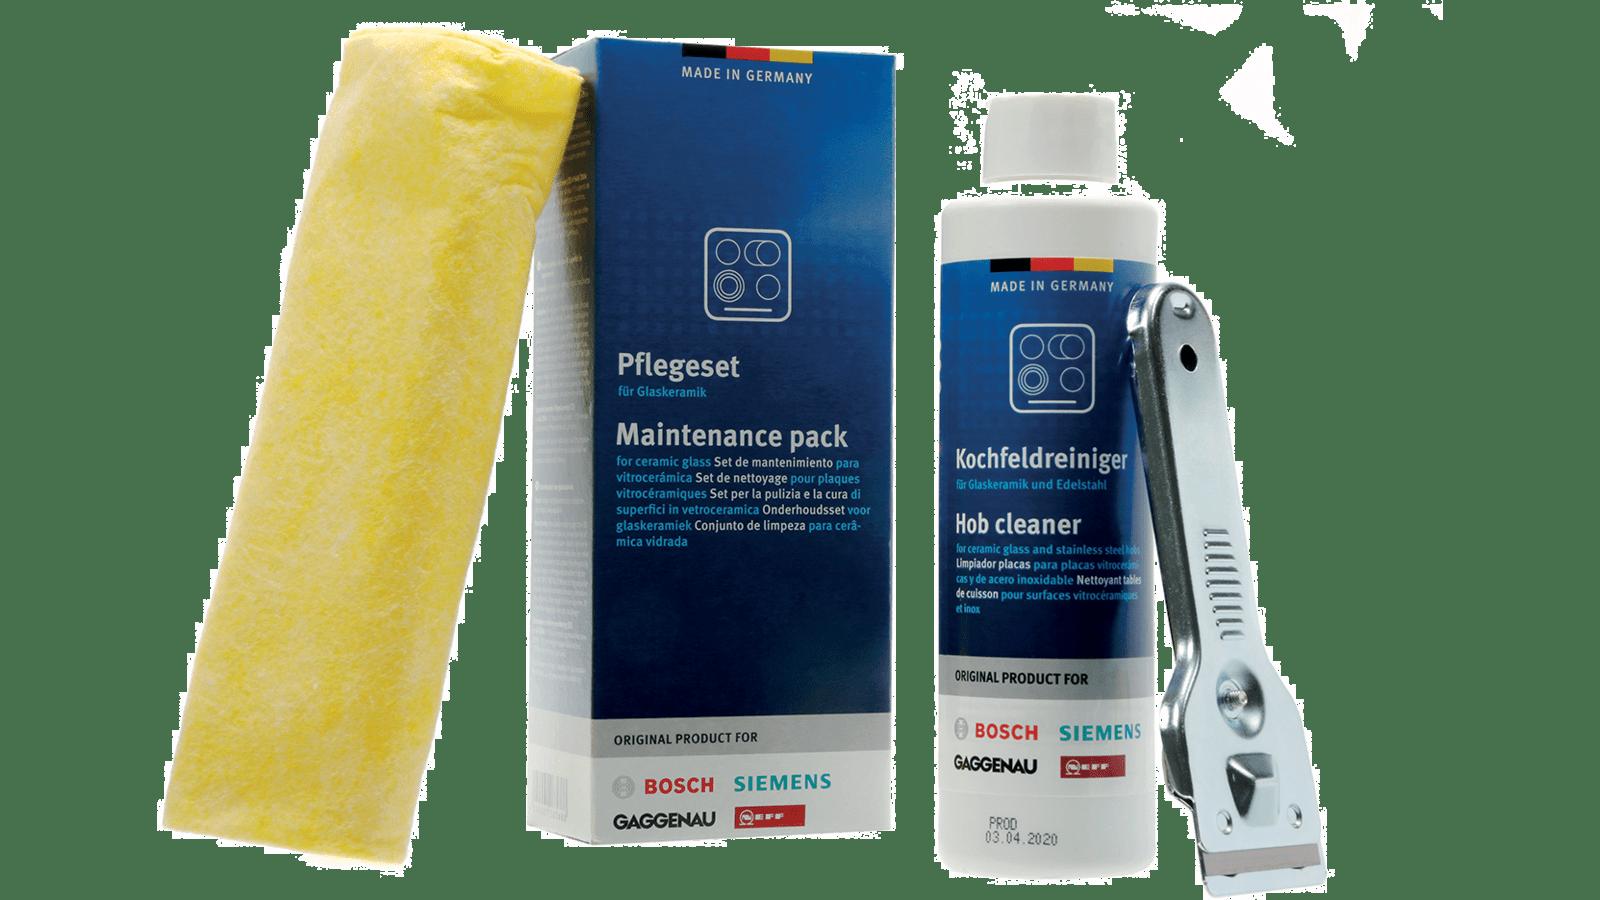 Produit Pour Nettoyer Vitroceramique set de nettoyage pour plaques vitrocéramiques made in germany 00311900